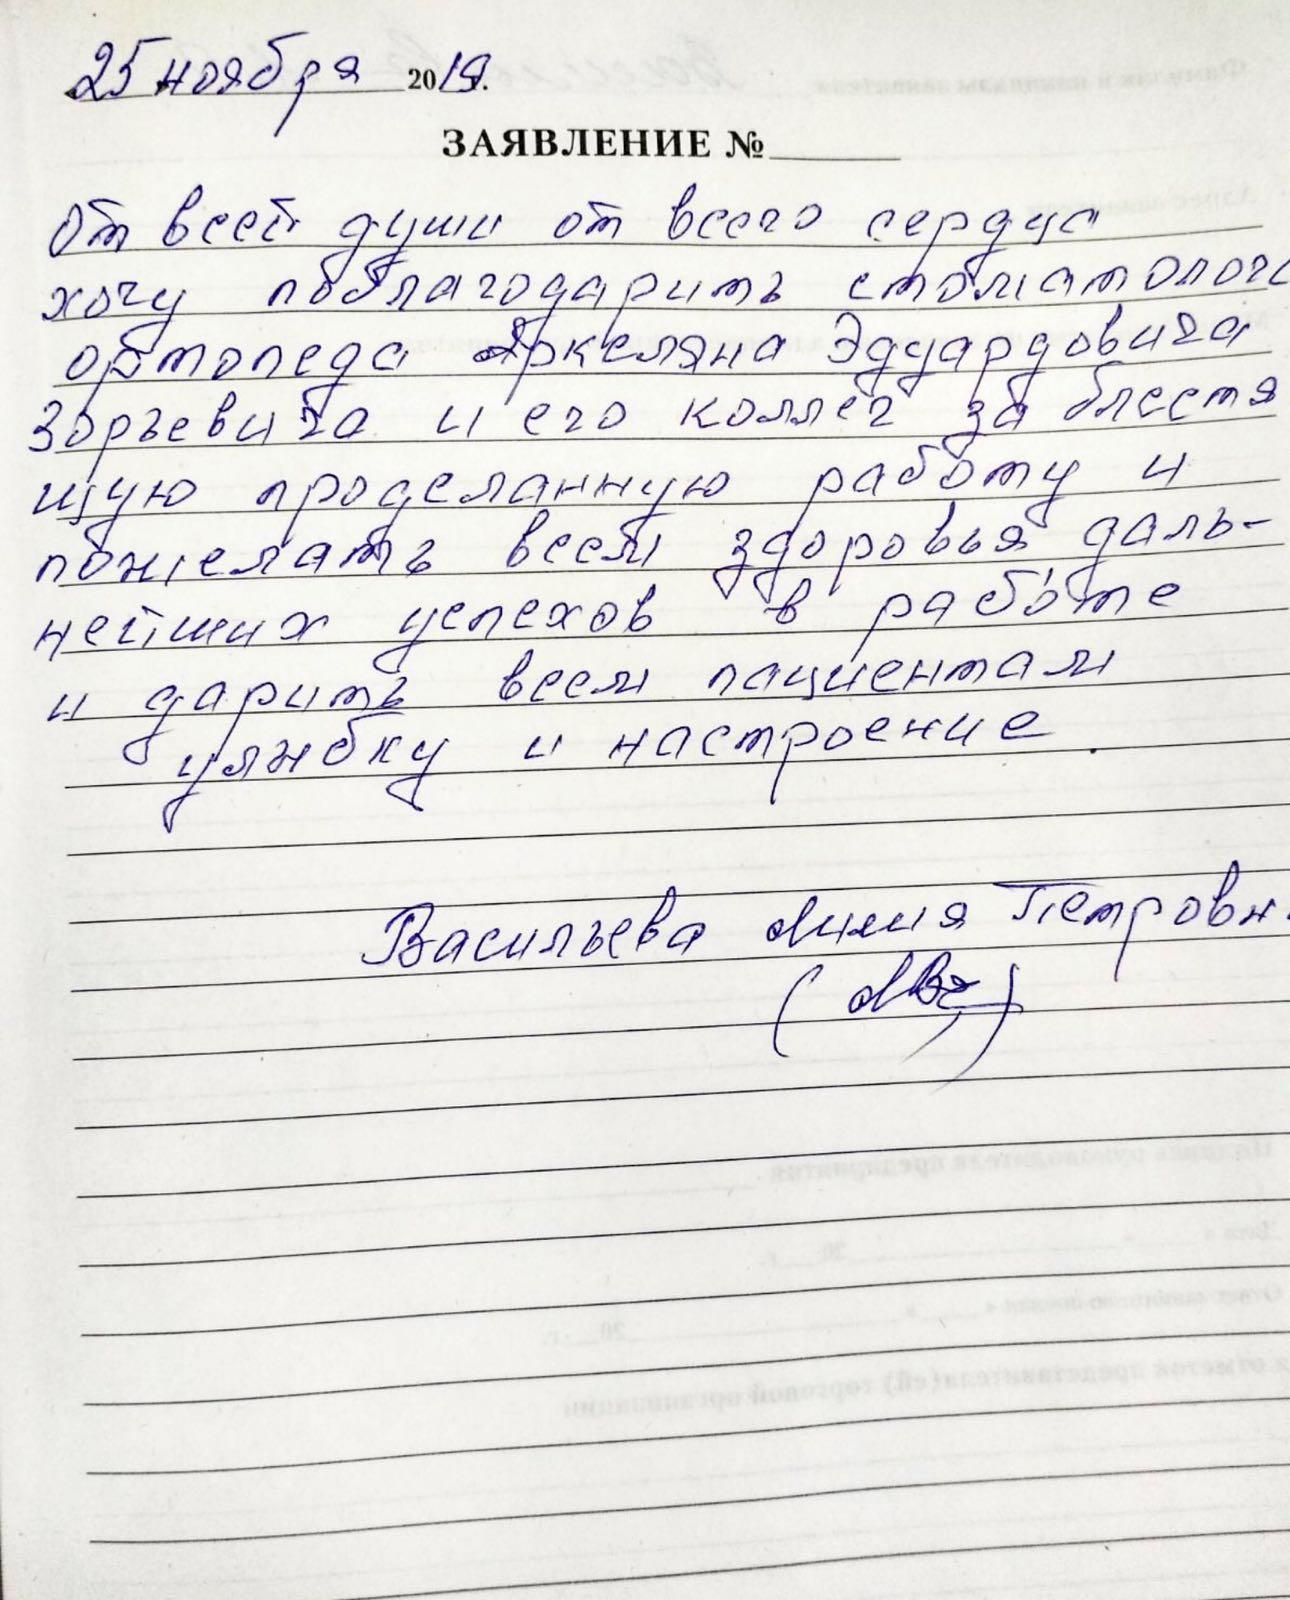 <em>Редактировать Отзыв</em> Лилия Петровна. Стоматология Фларт